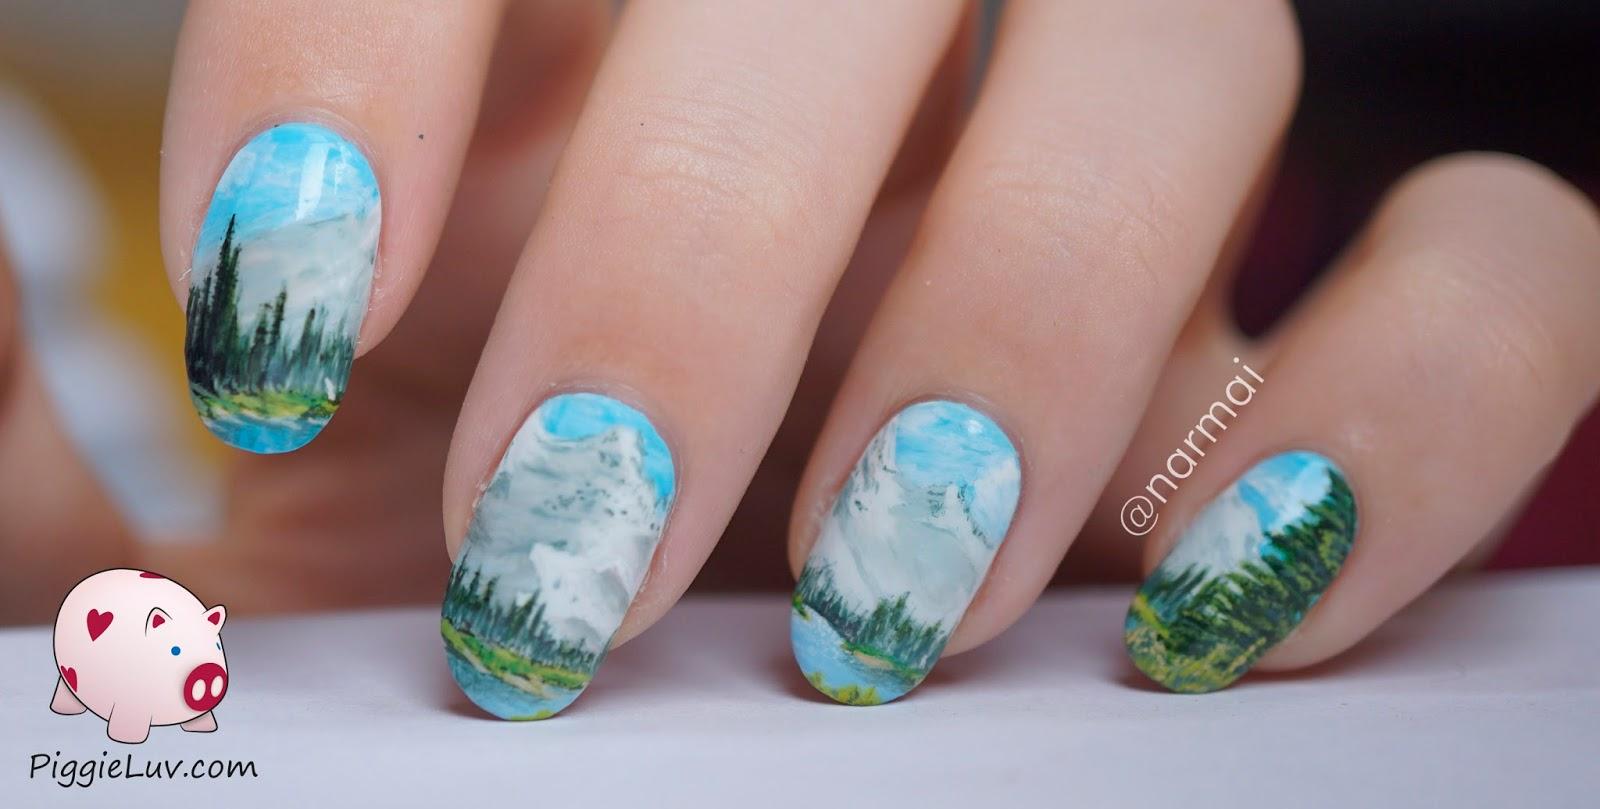 30 Picturesque Landscape Nails | Nail Design Ideaz